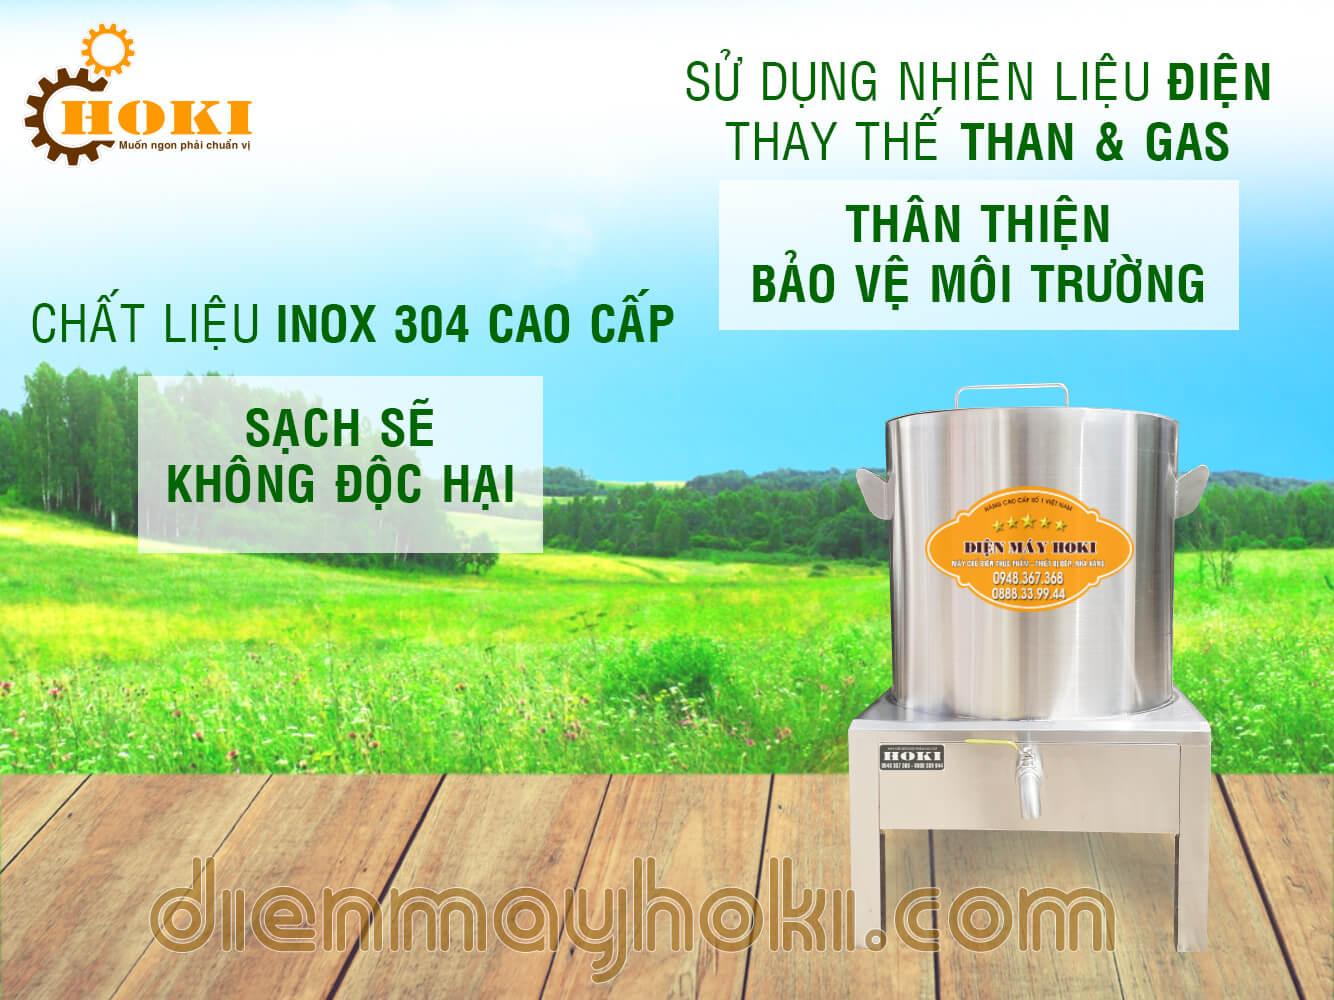 noi-nau-pho-khong-doc-hai